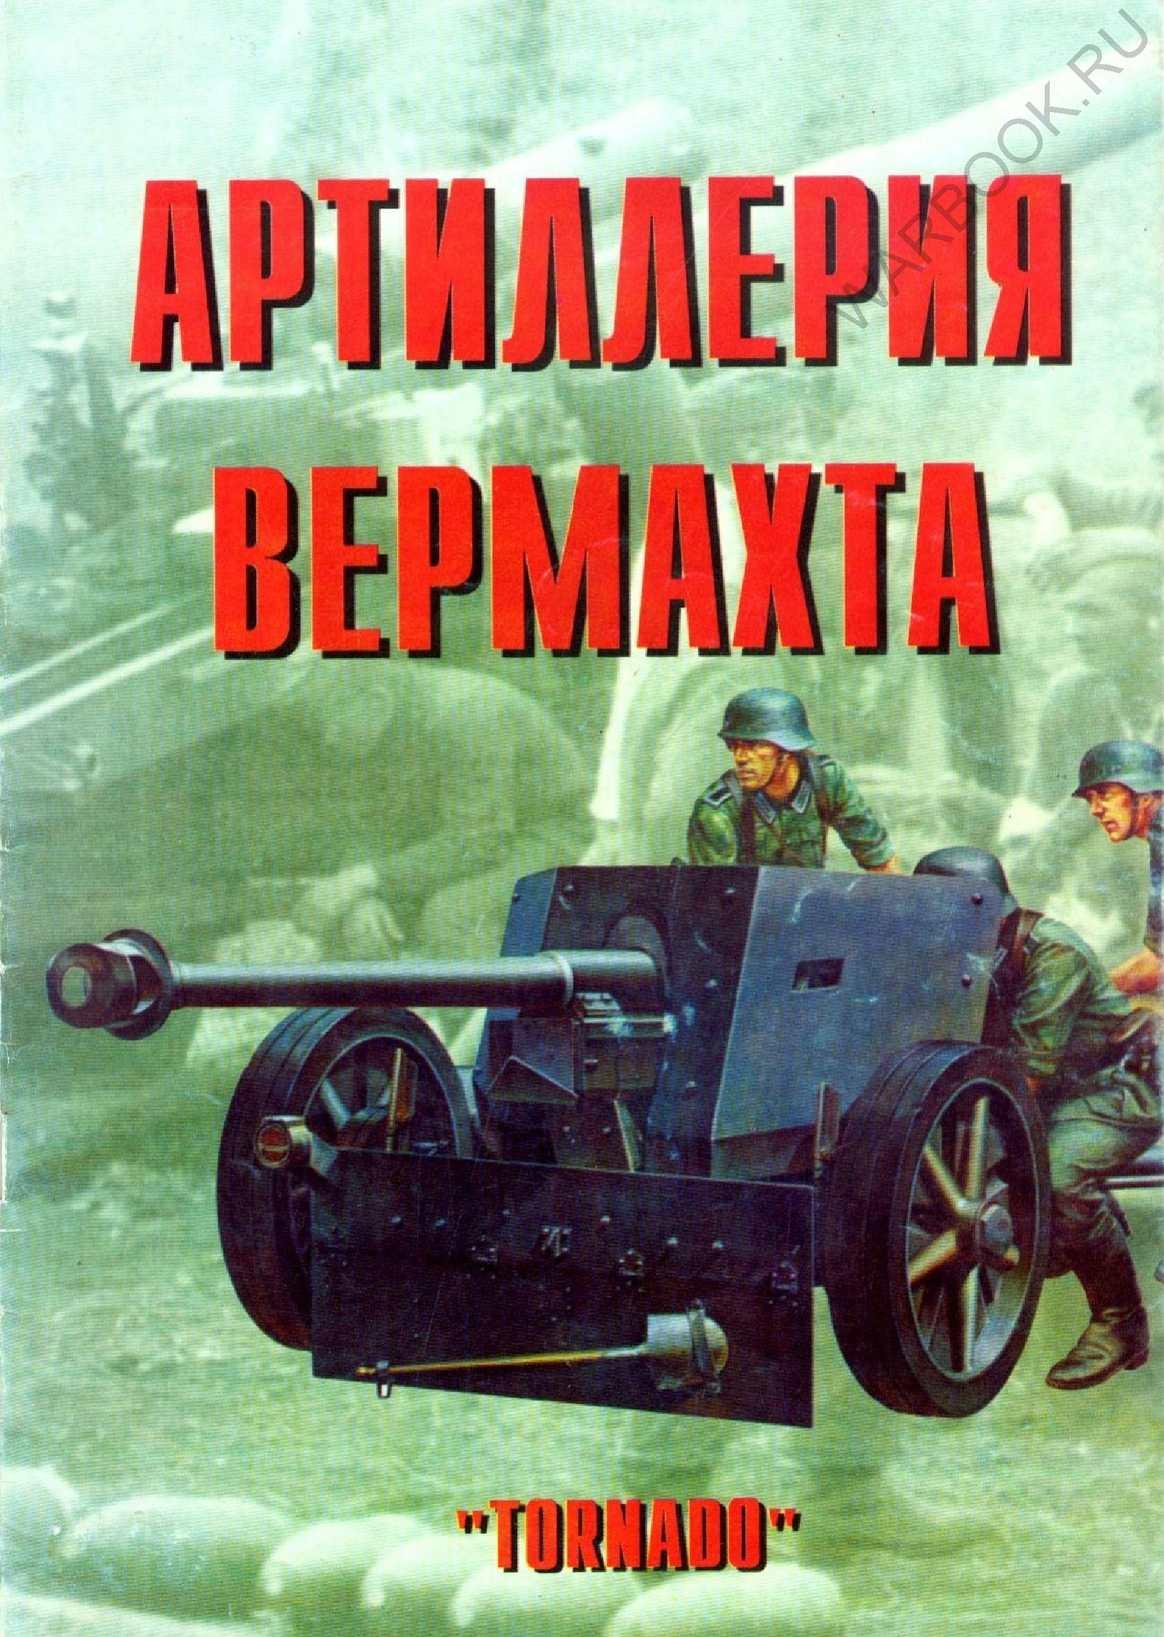 Торнадо - Армейская серия 48 - Артиллерия вермахта ч 1